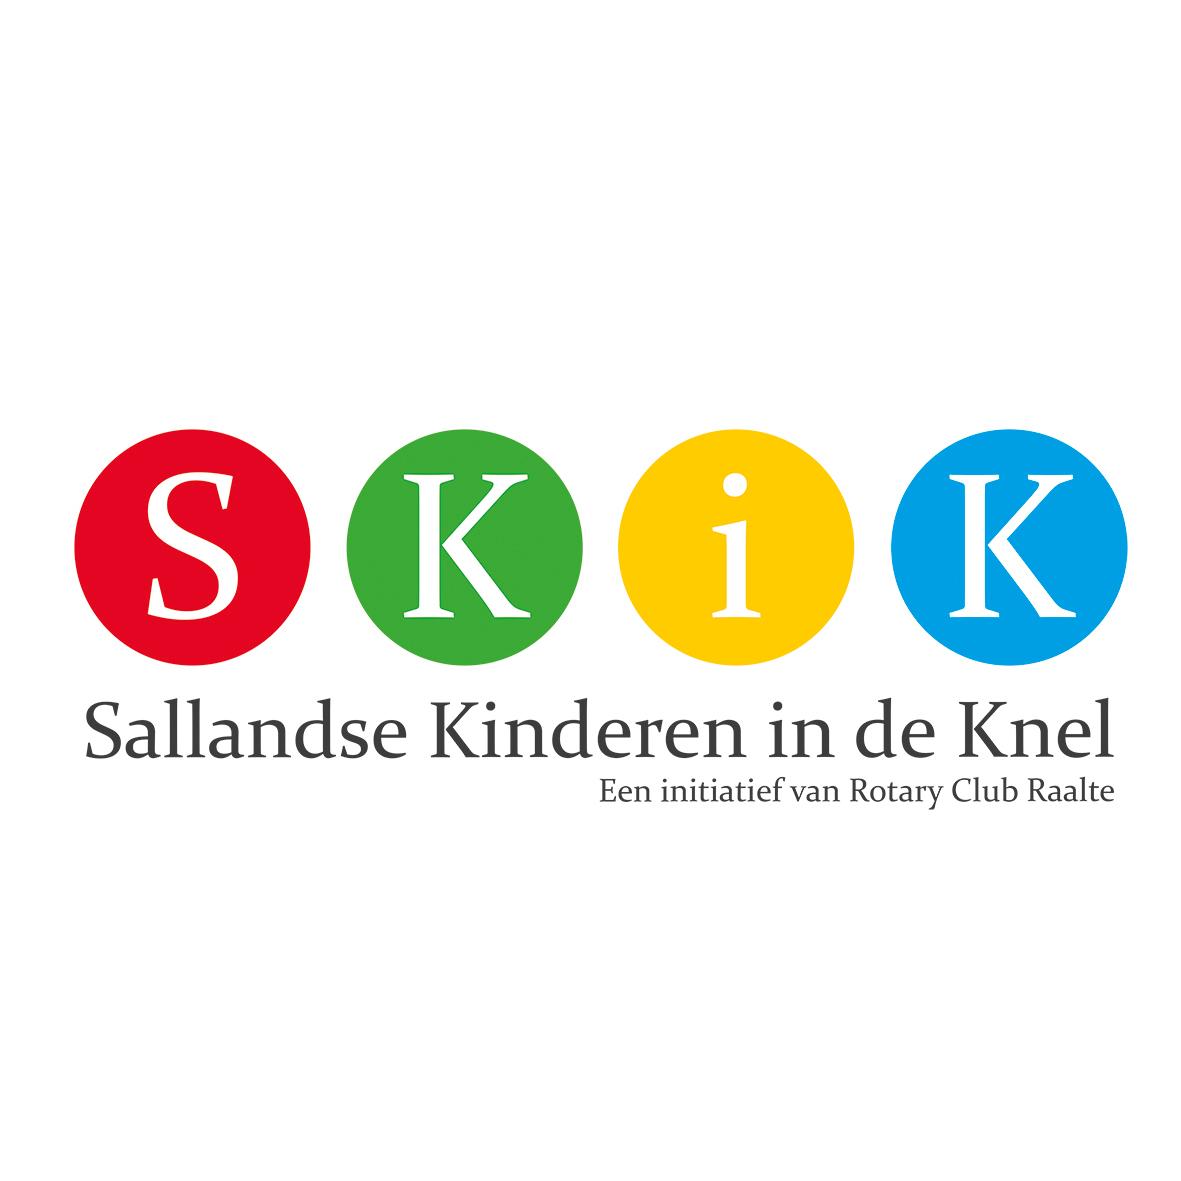 SKiK rotary initiatief